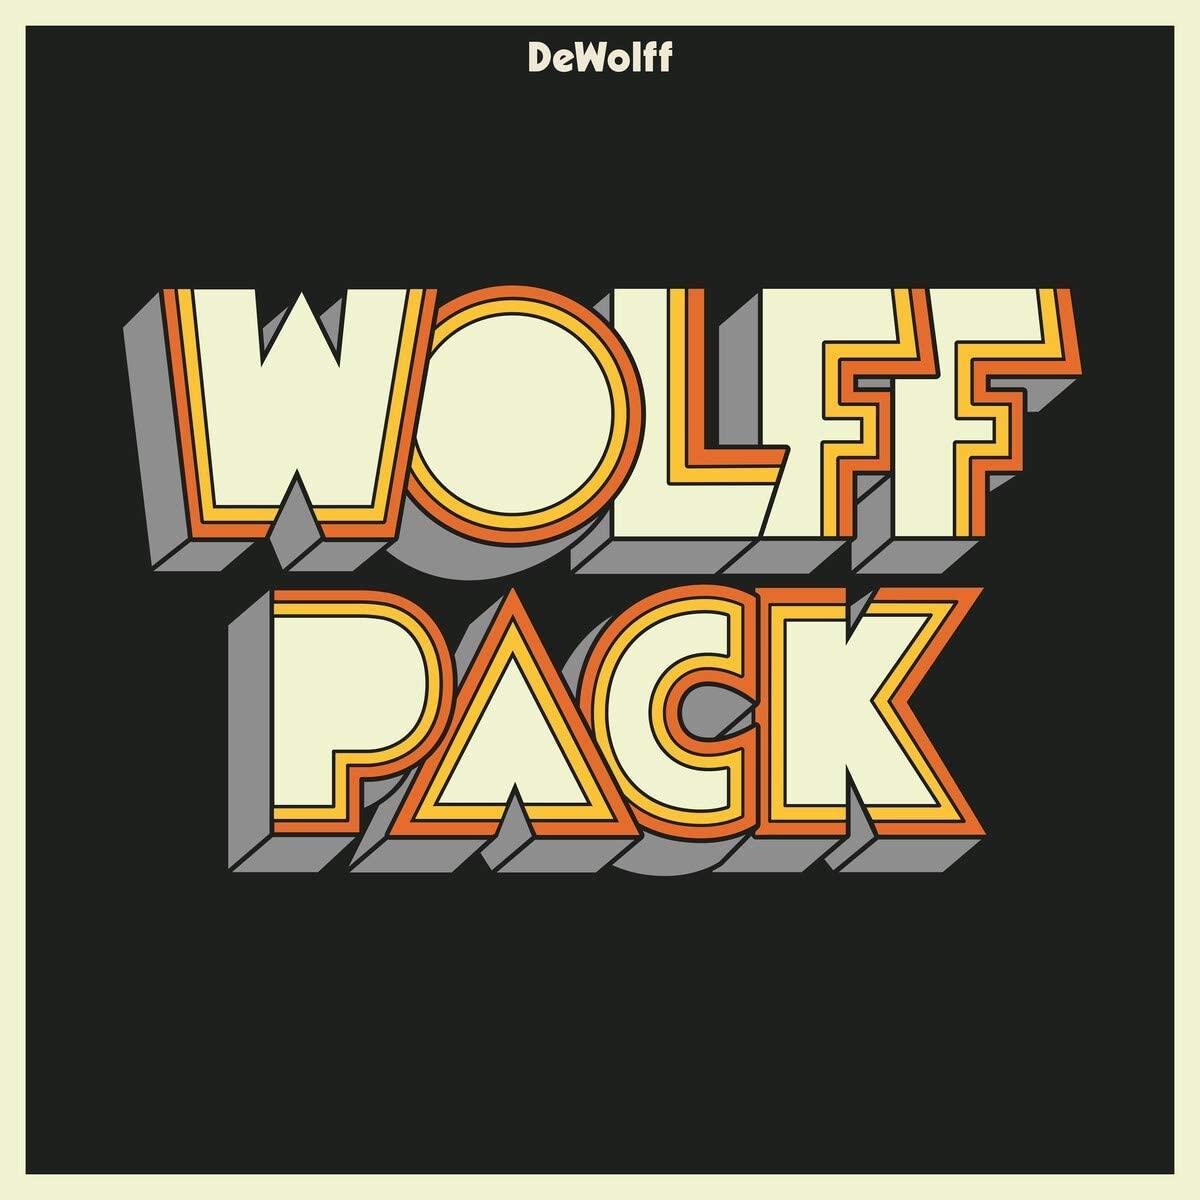 DeWolff-Wolffpack hbls